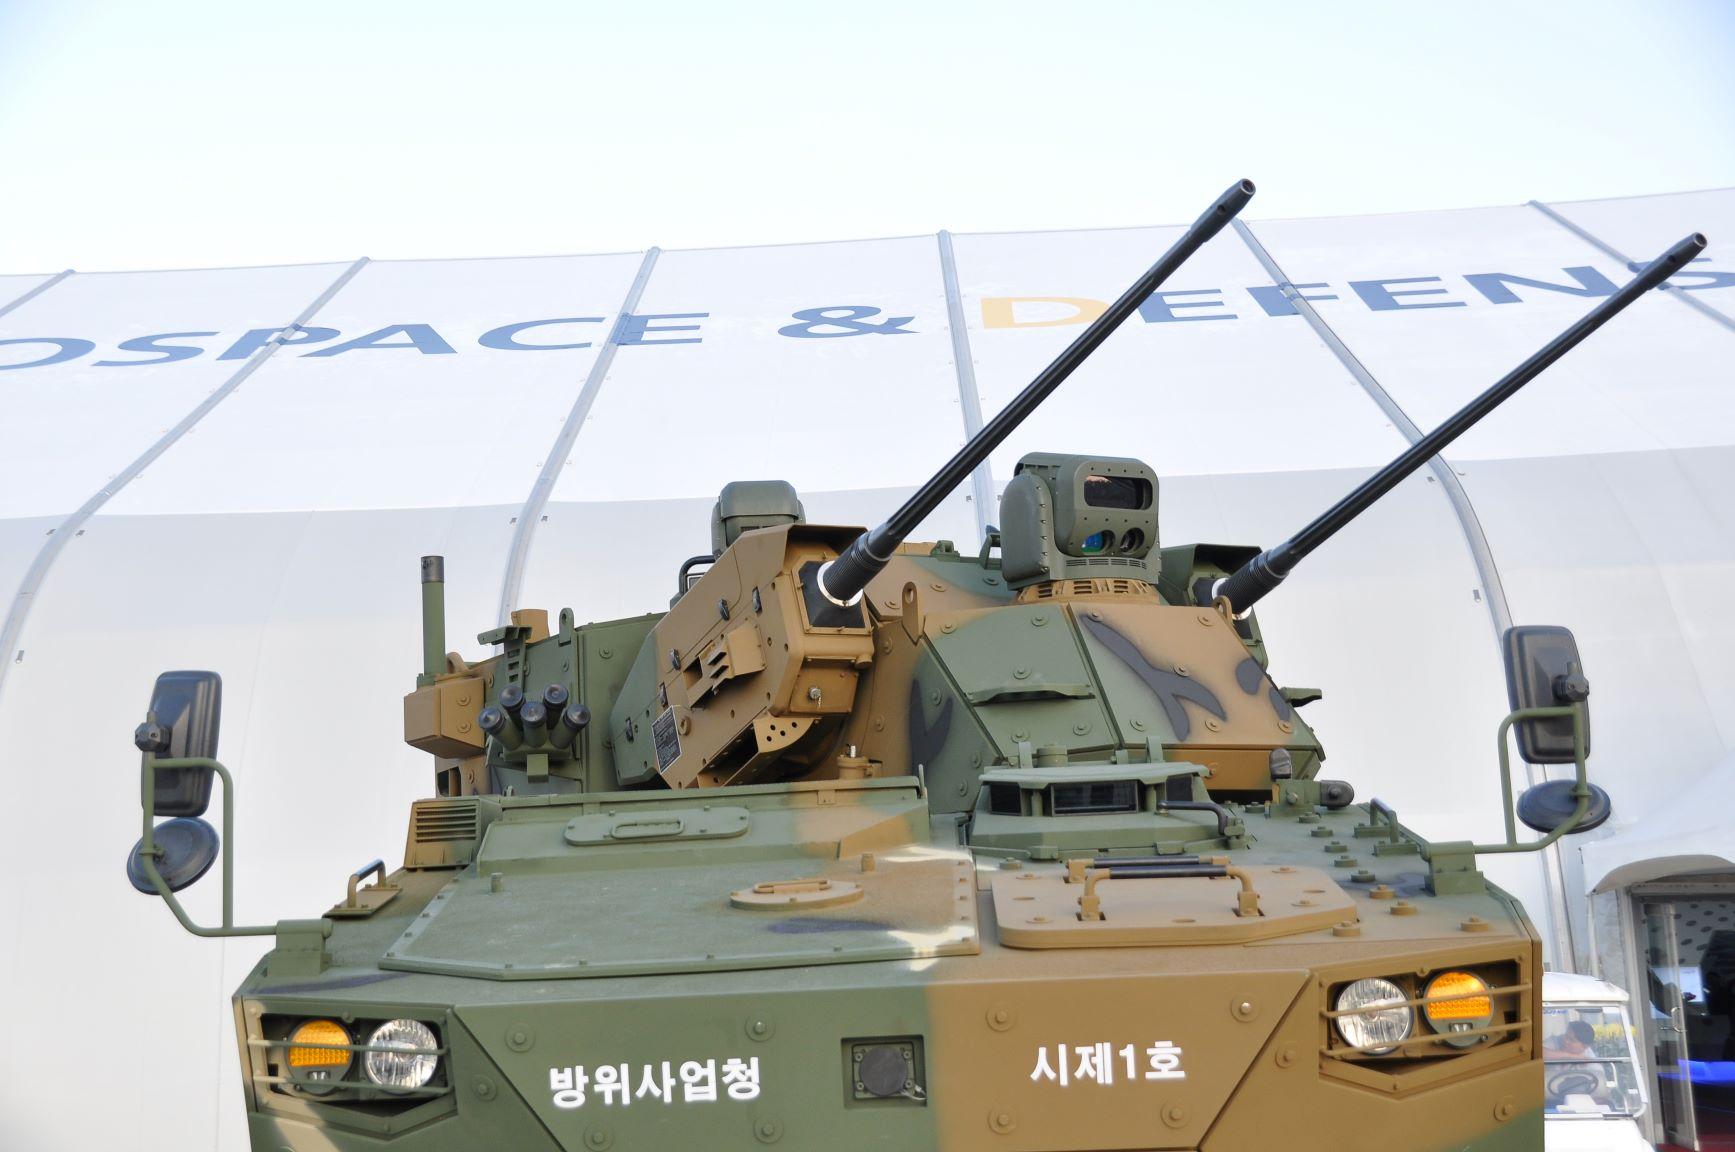 Выставка ADEX-2019 : экспозиция систем ПВО